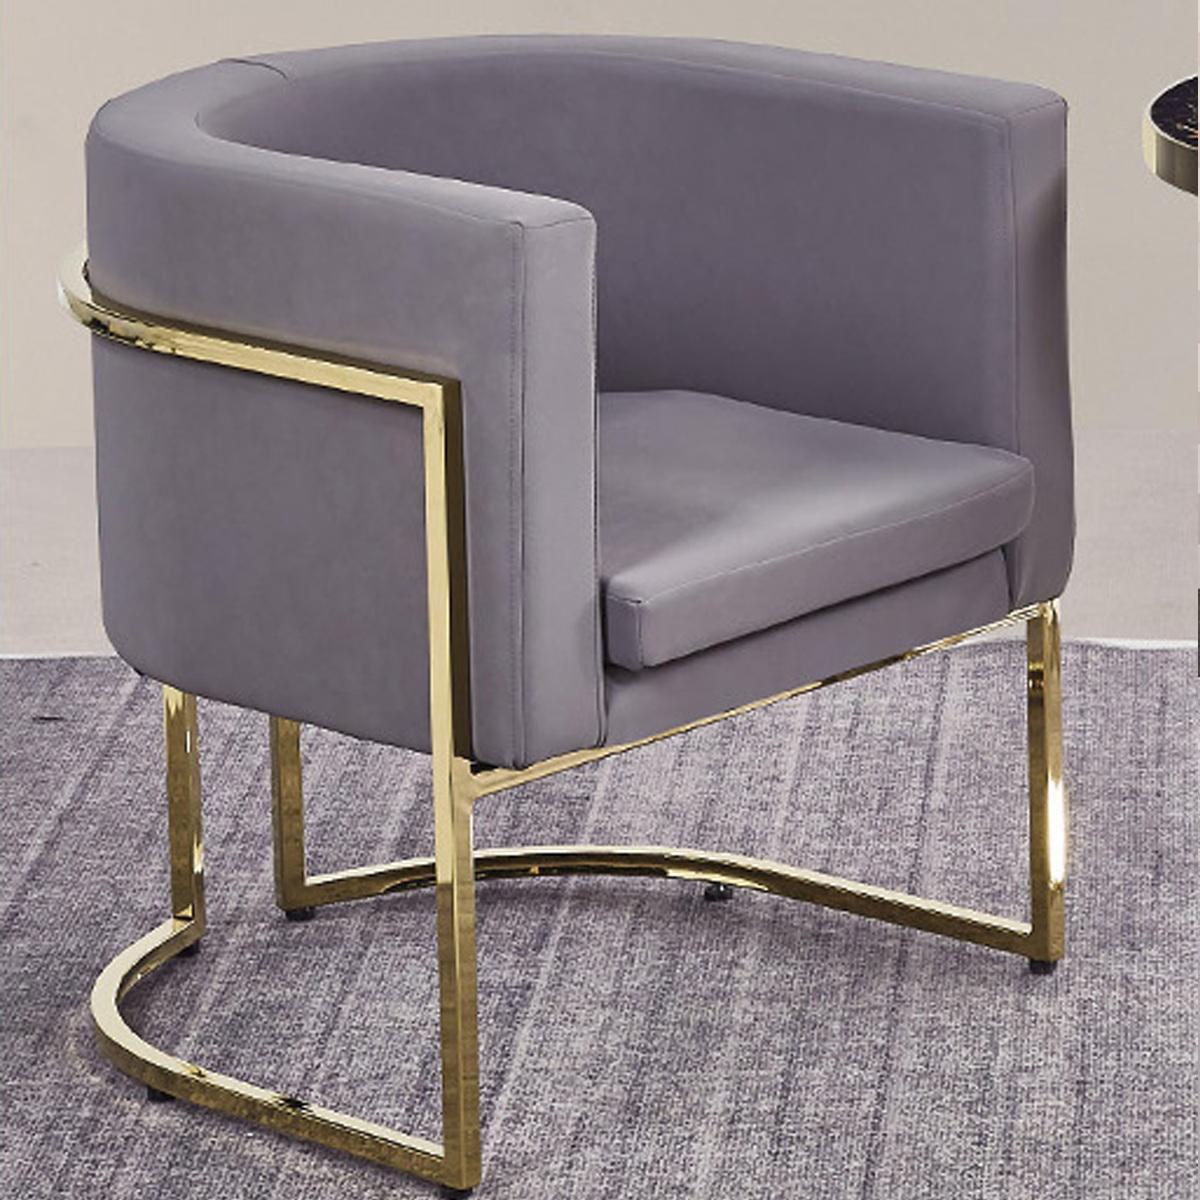 现代简约轻奢铁艺单人设计师沙发椅北欧休闲会客接待洽谈一桌两椅